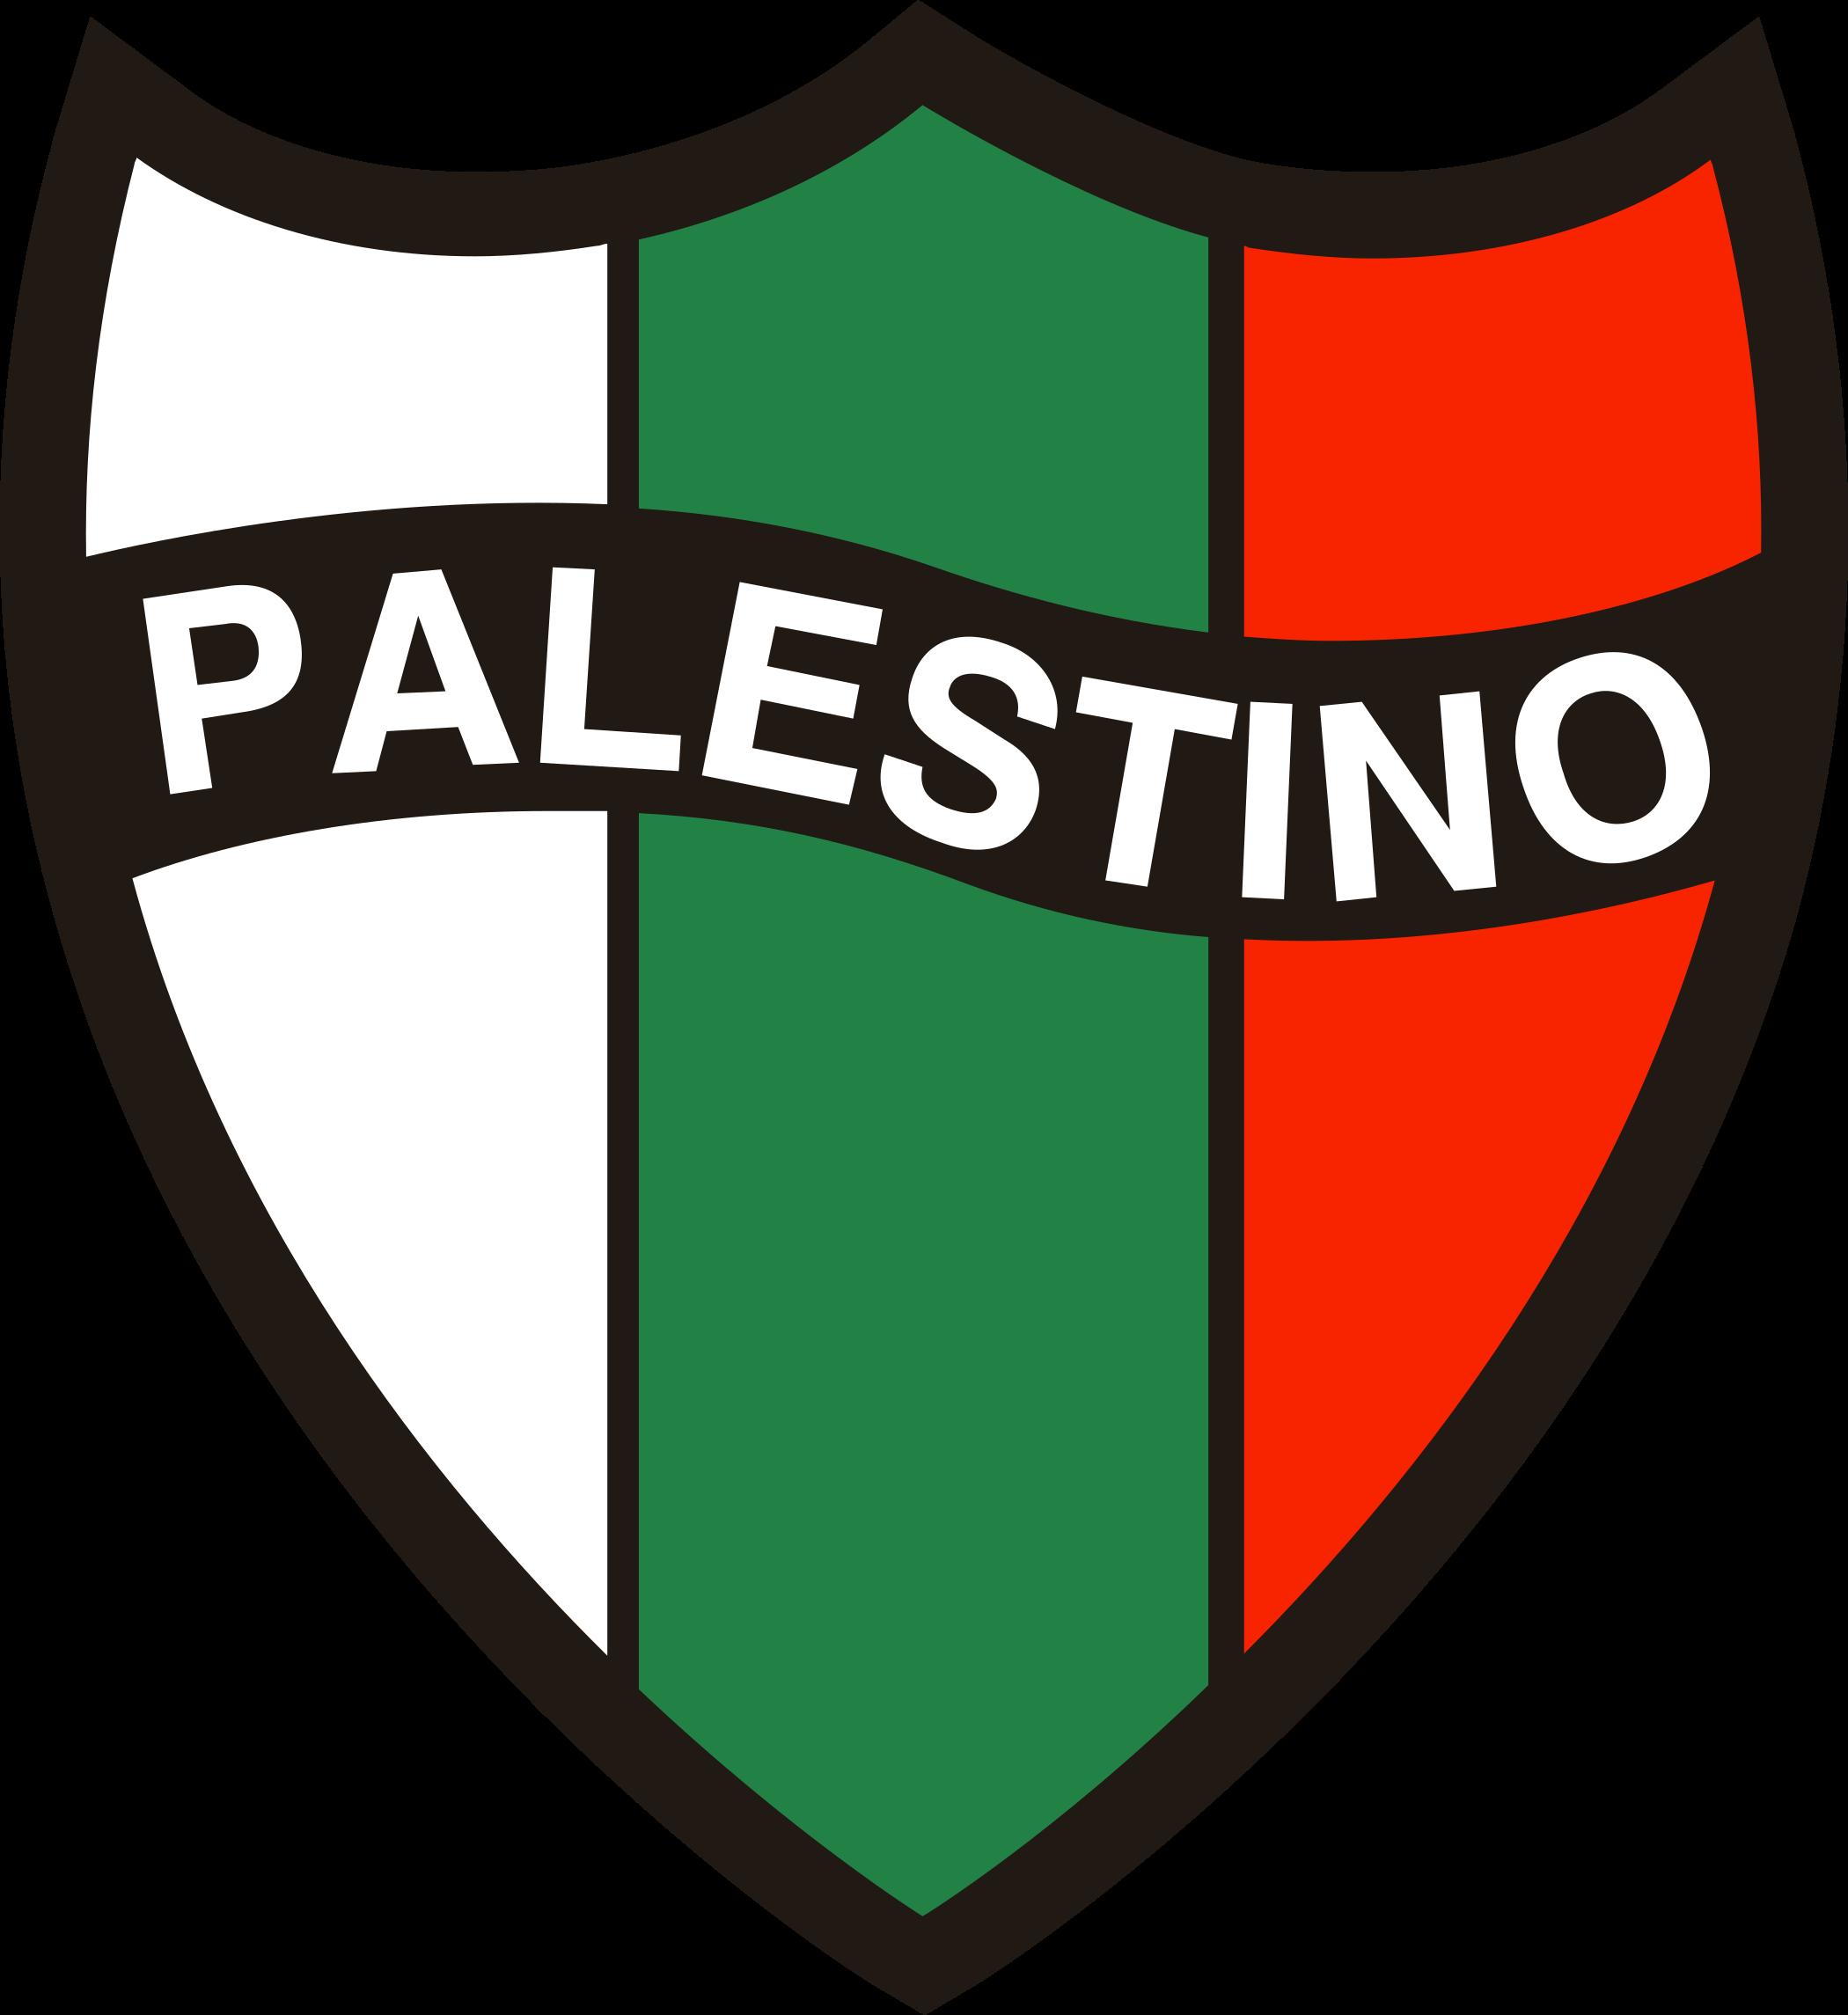 palestino logo escudo 1 - Palestino Logo - Club Deportivo Palestino Escudo